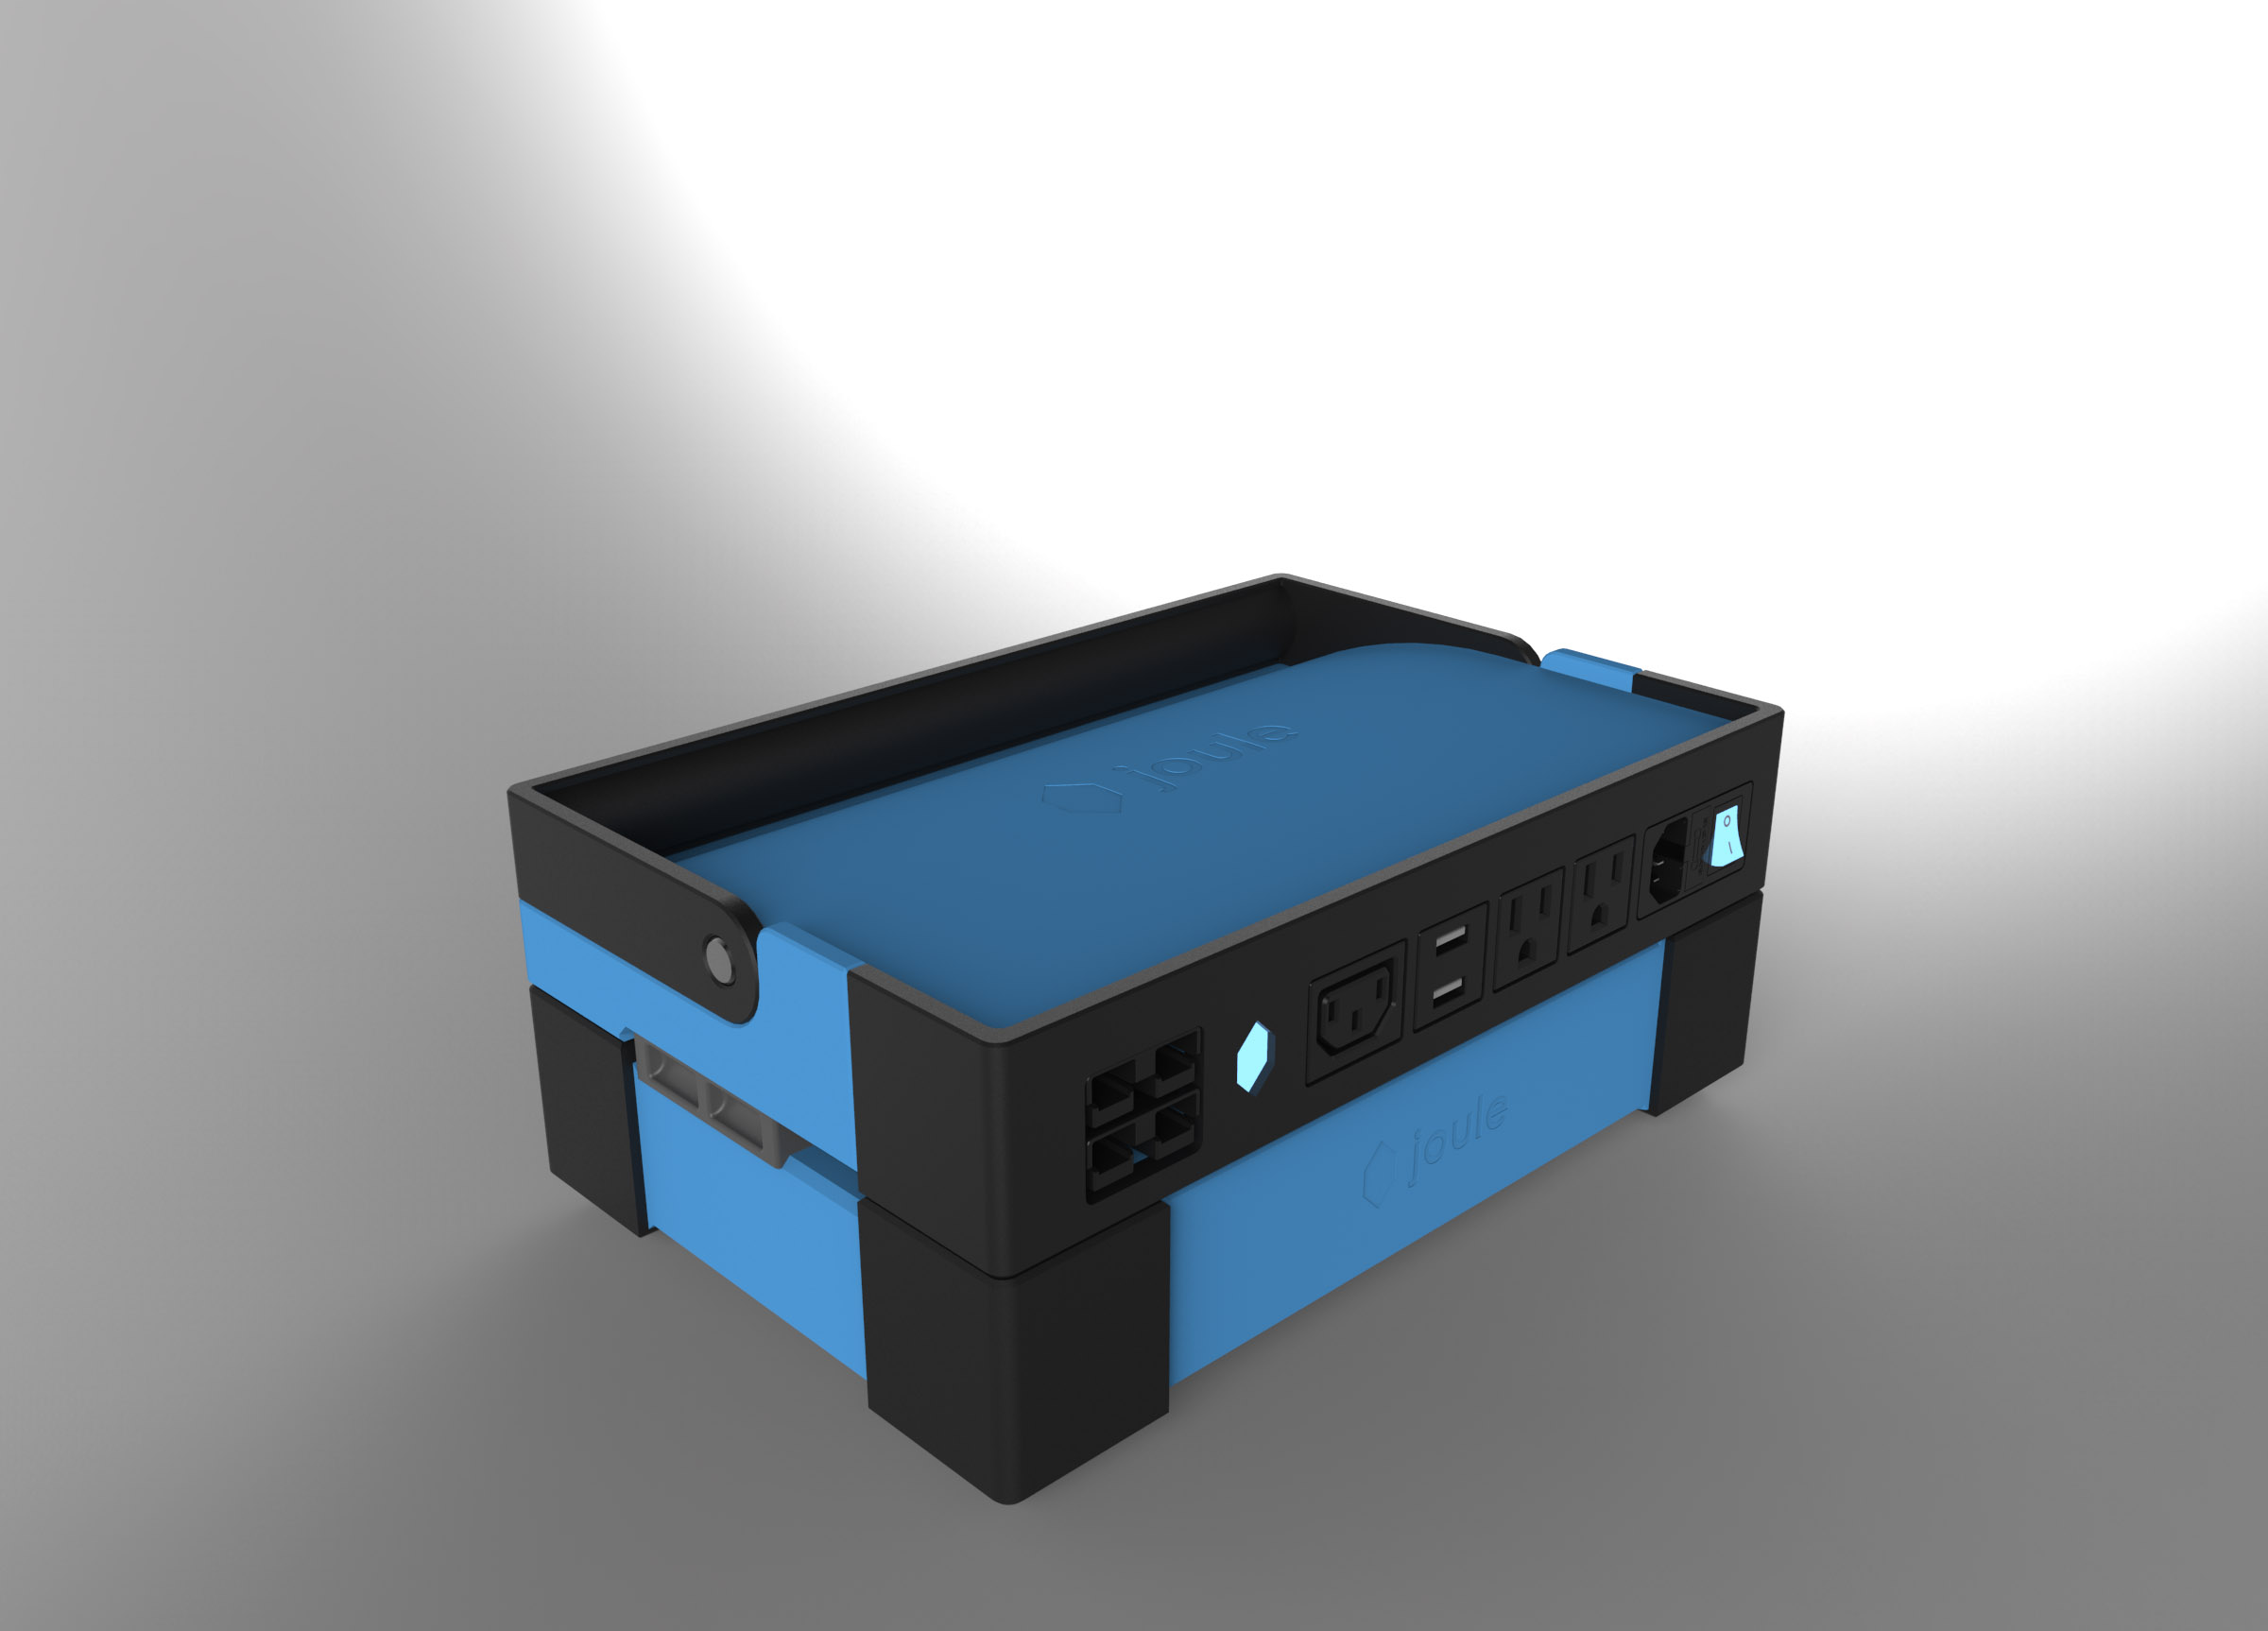 Joule Case CAD rendering